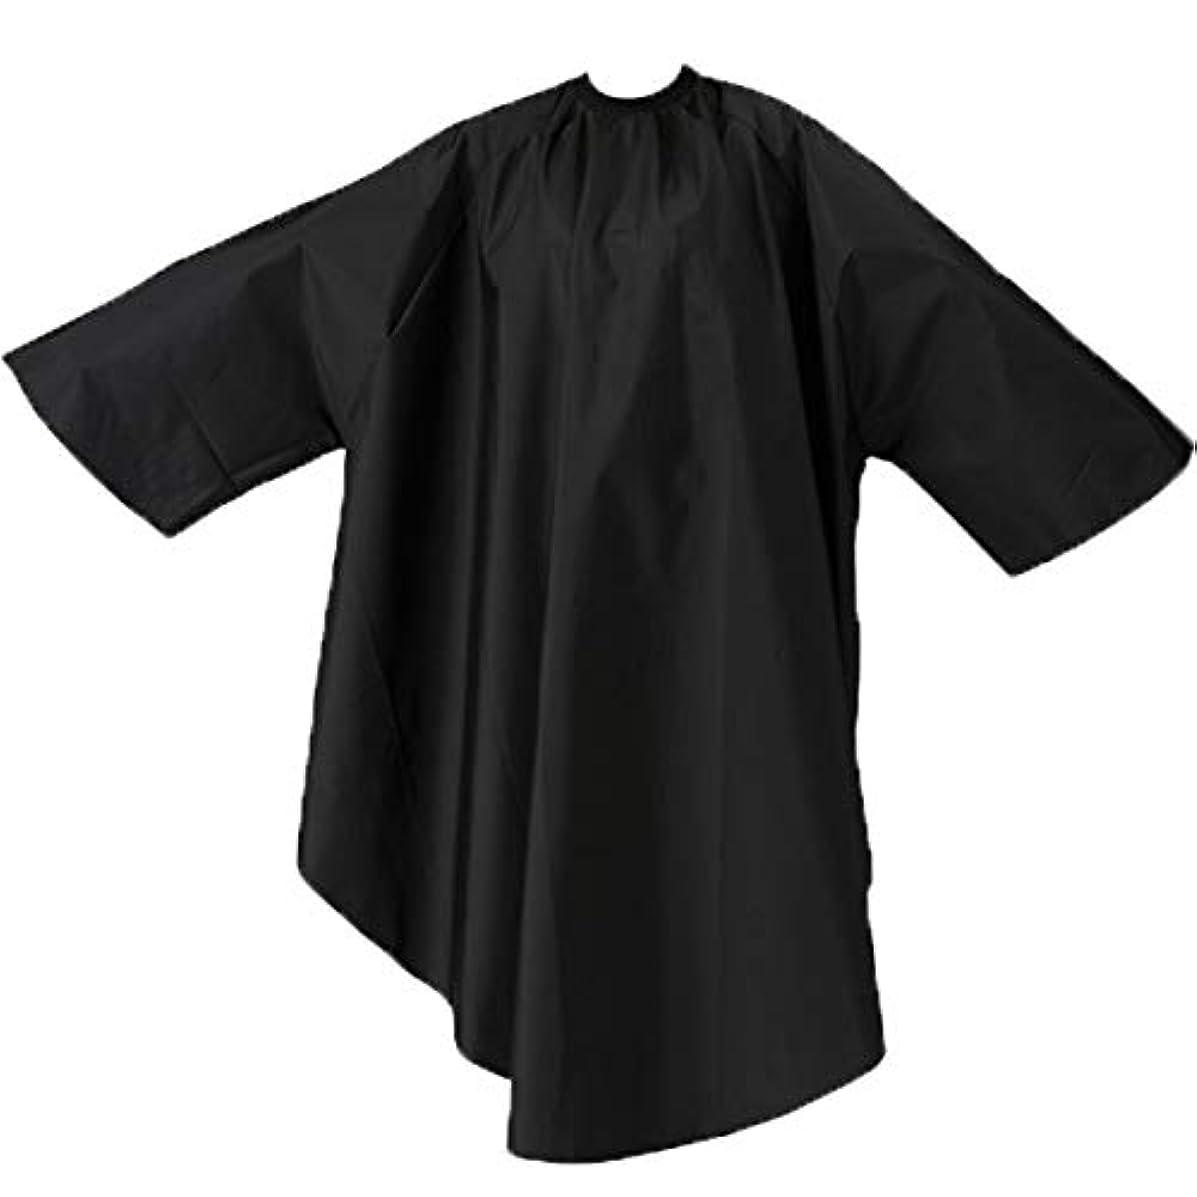 モナリザ詩チケットエルコ 9762 ザ?クロス SKITT II 袖付 ヘアダイ&カットクロス ナイロン100% ヘアカラー/散髪ケープ/カットクロス/刈布 ELCO (首回り52cm, ブラック)